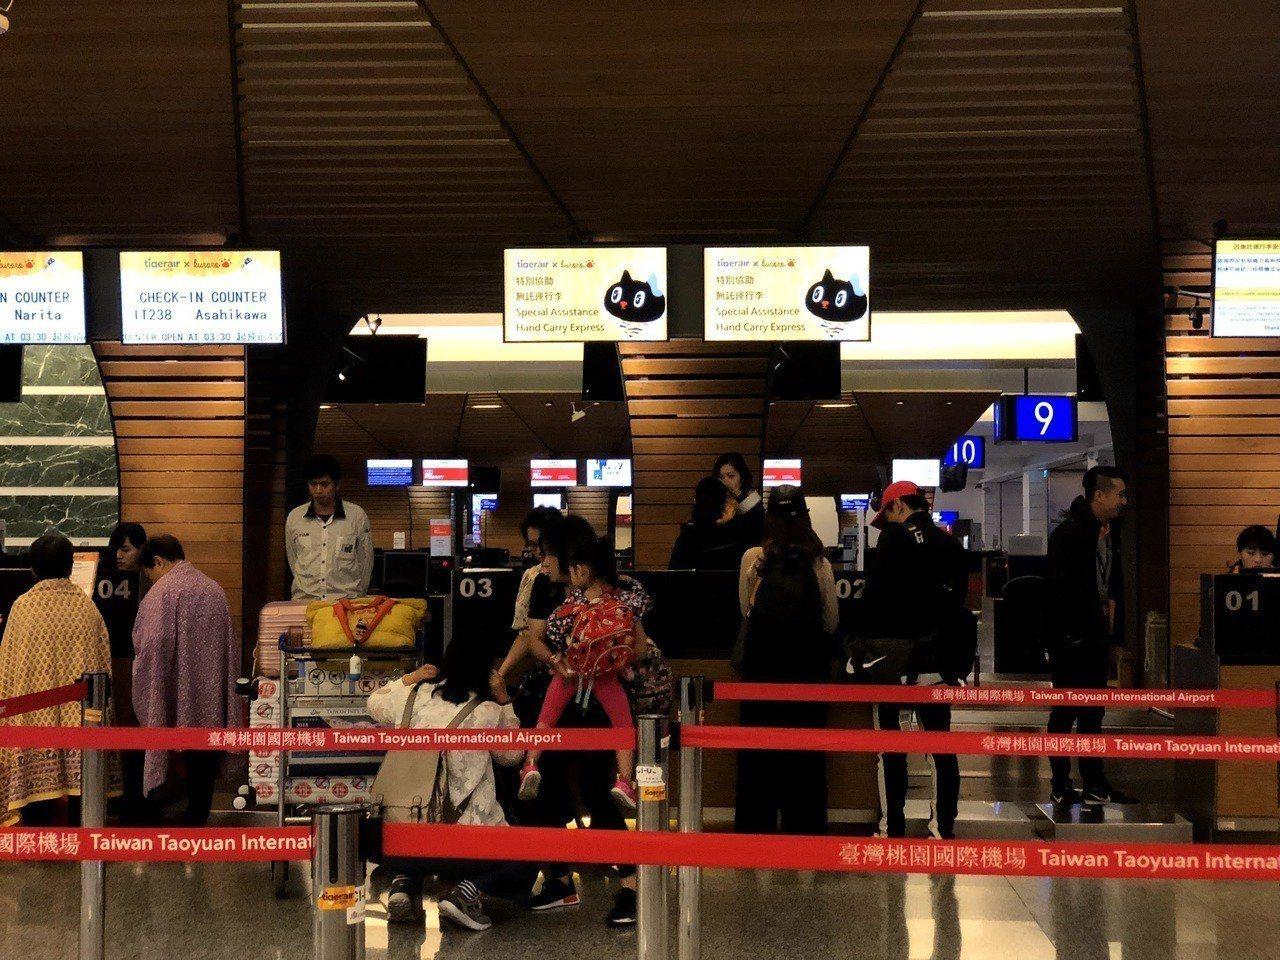 一旦被列為黑名單,旅客的名字在其他航空公司也會被標示。記者魏妤庭/攝影